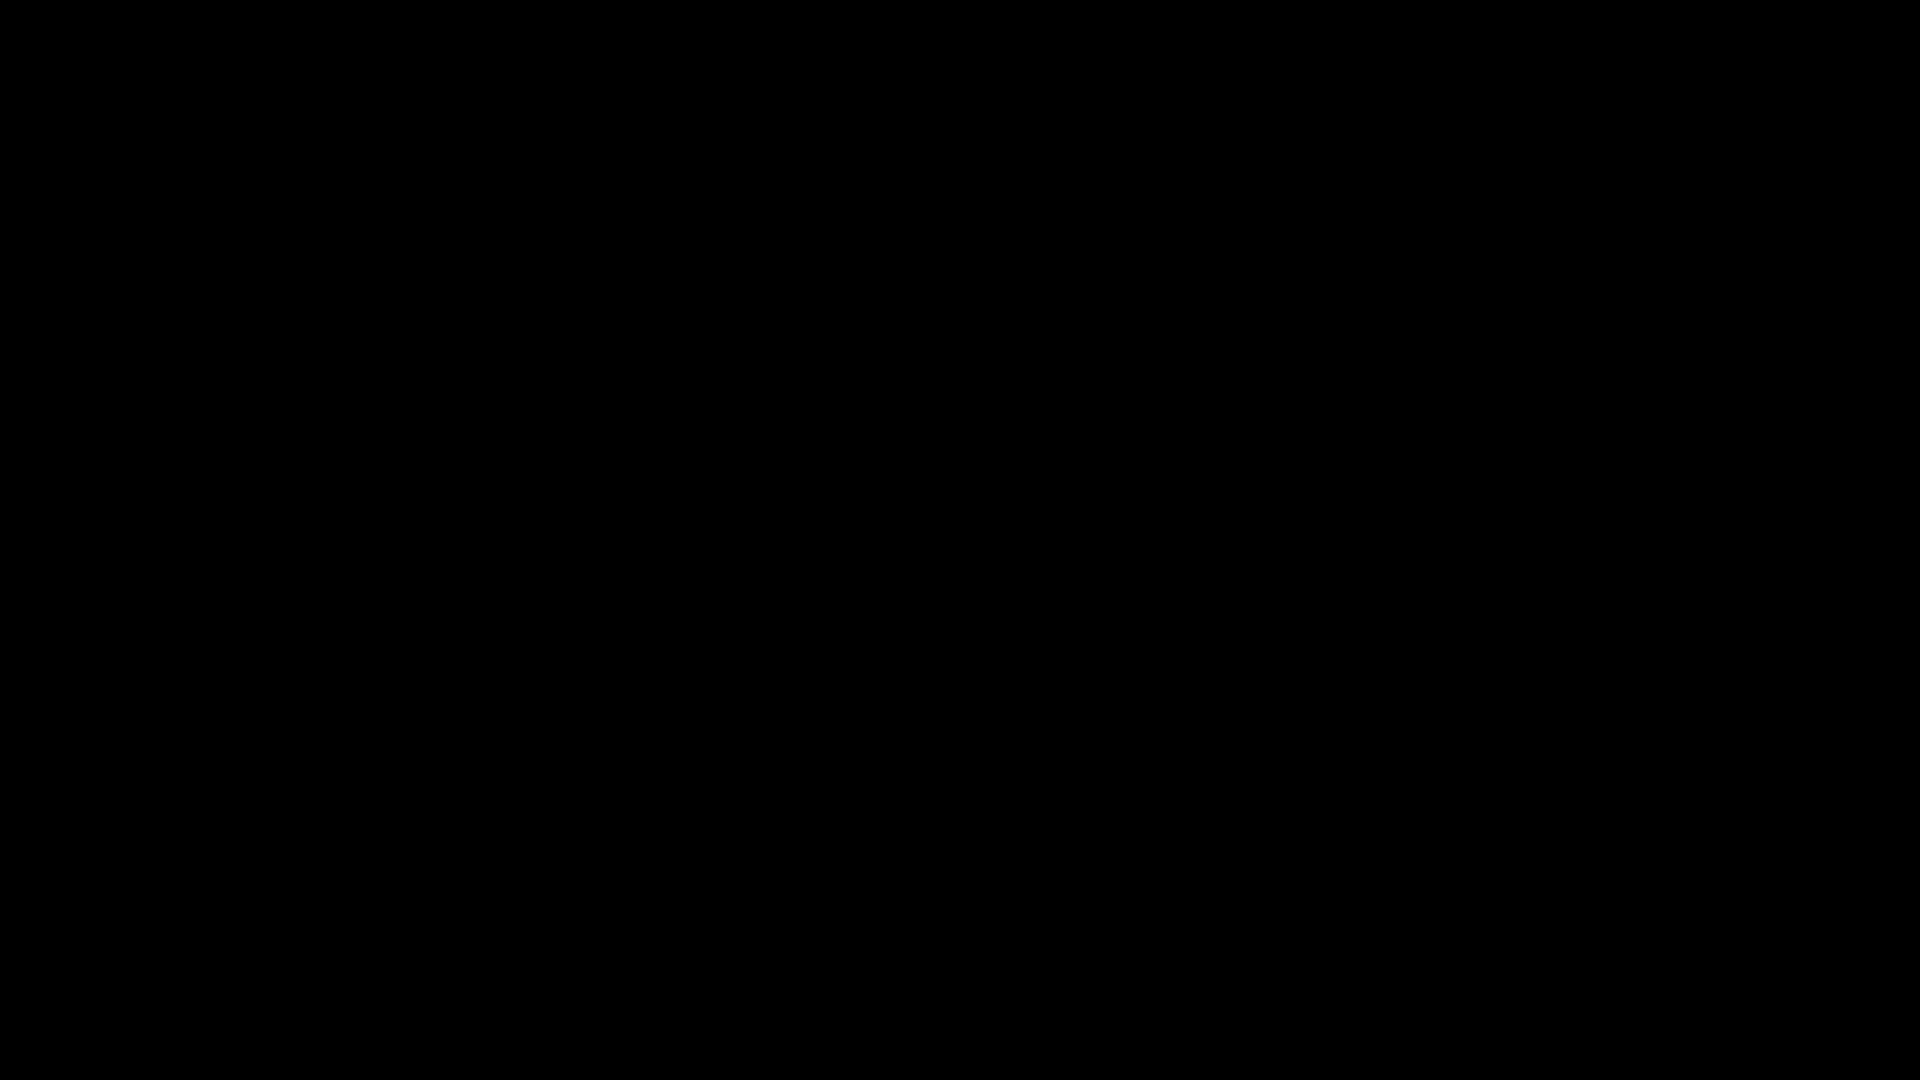 Odm đồng hồ biểu tượng tùy chỉnh nhật bản phong trào mới nhất cắn xé thiết kế rắn màu đen màu xanh lá cây màu xám nylon ban nhạc thạch anh nước bằng chứng màu xanh lá cây đồng hồ hàng đầu